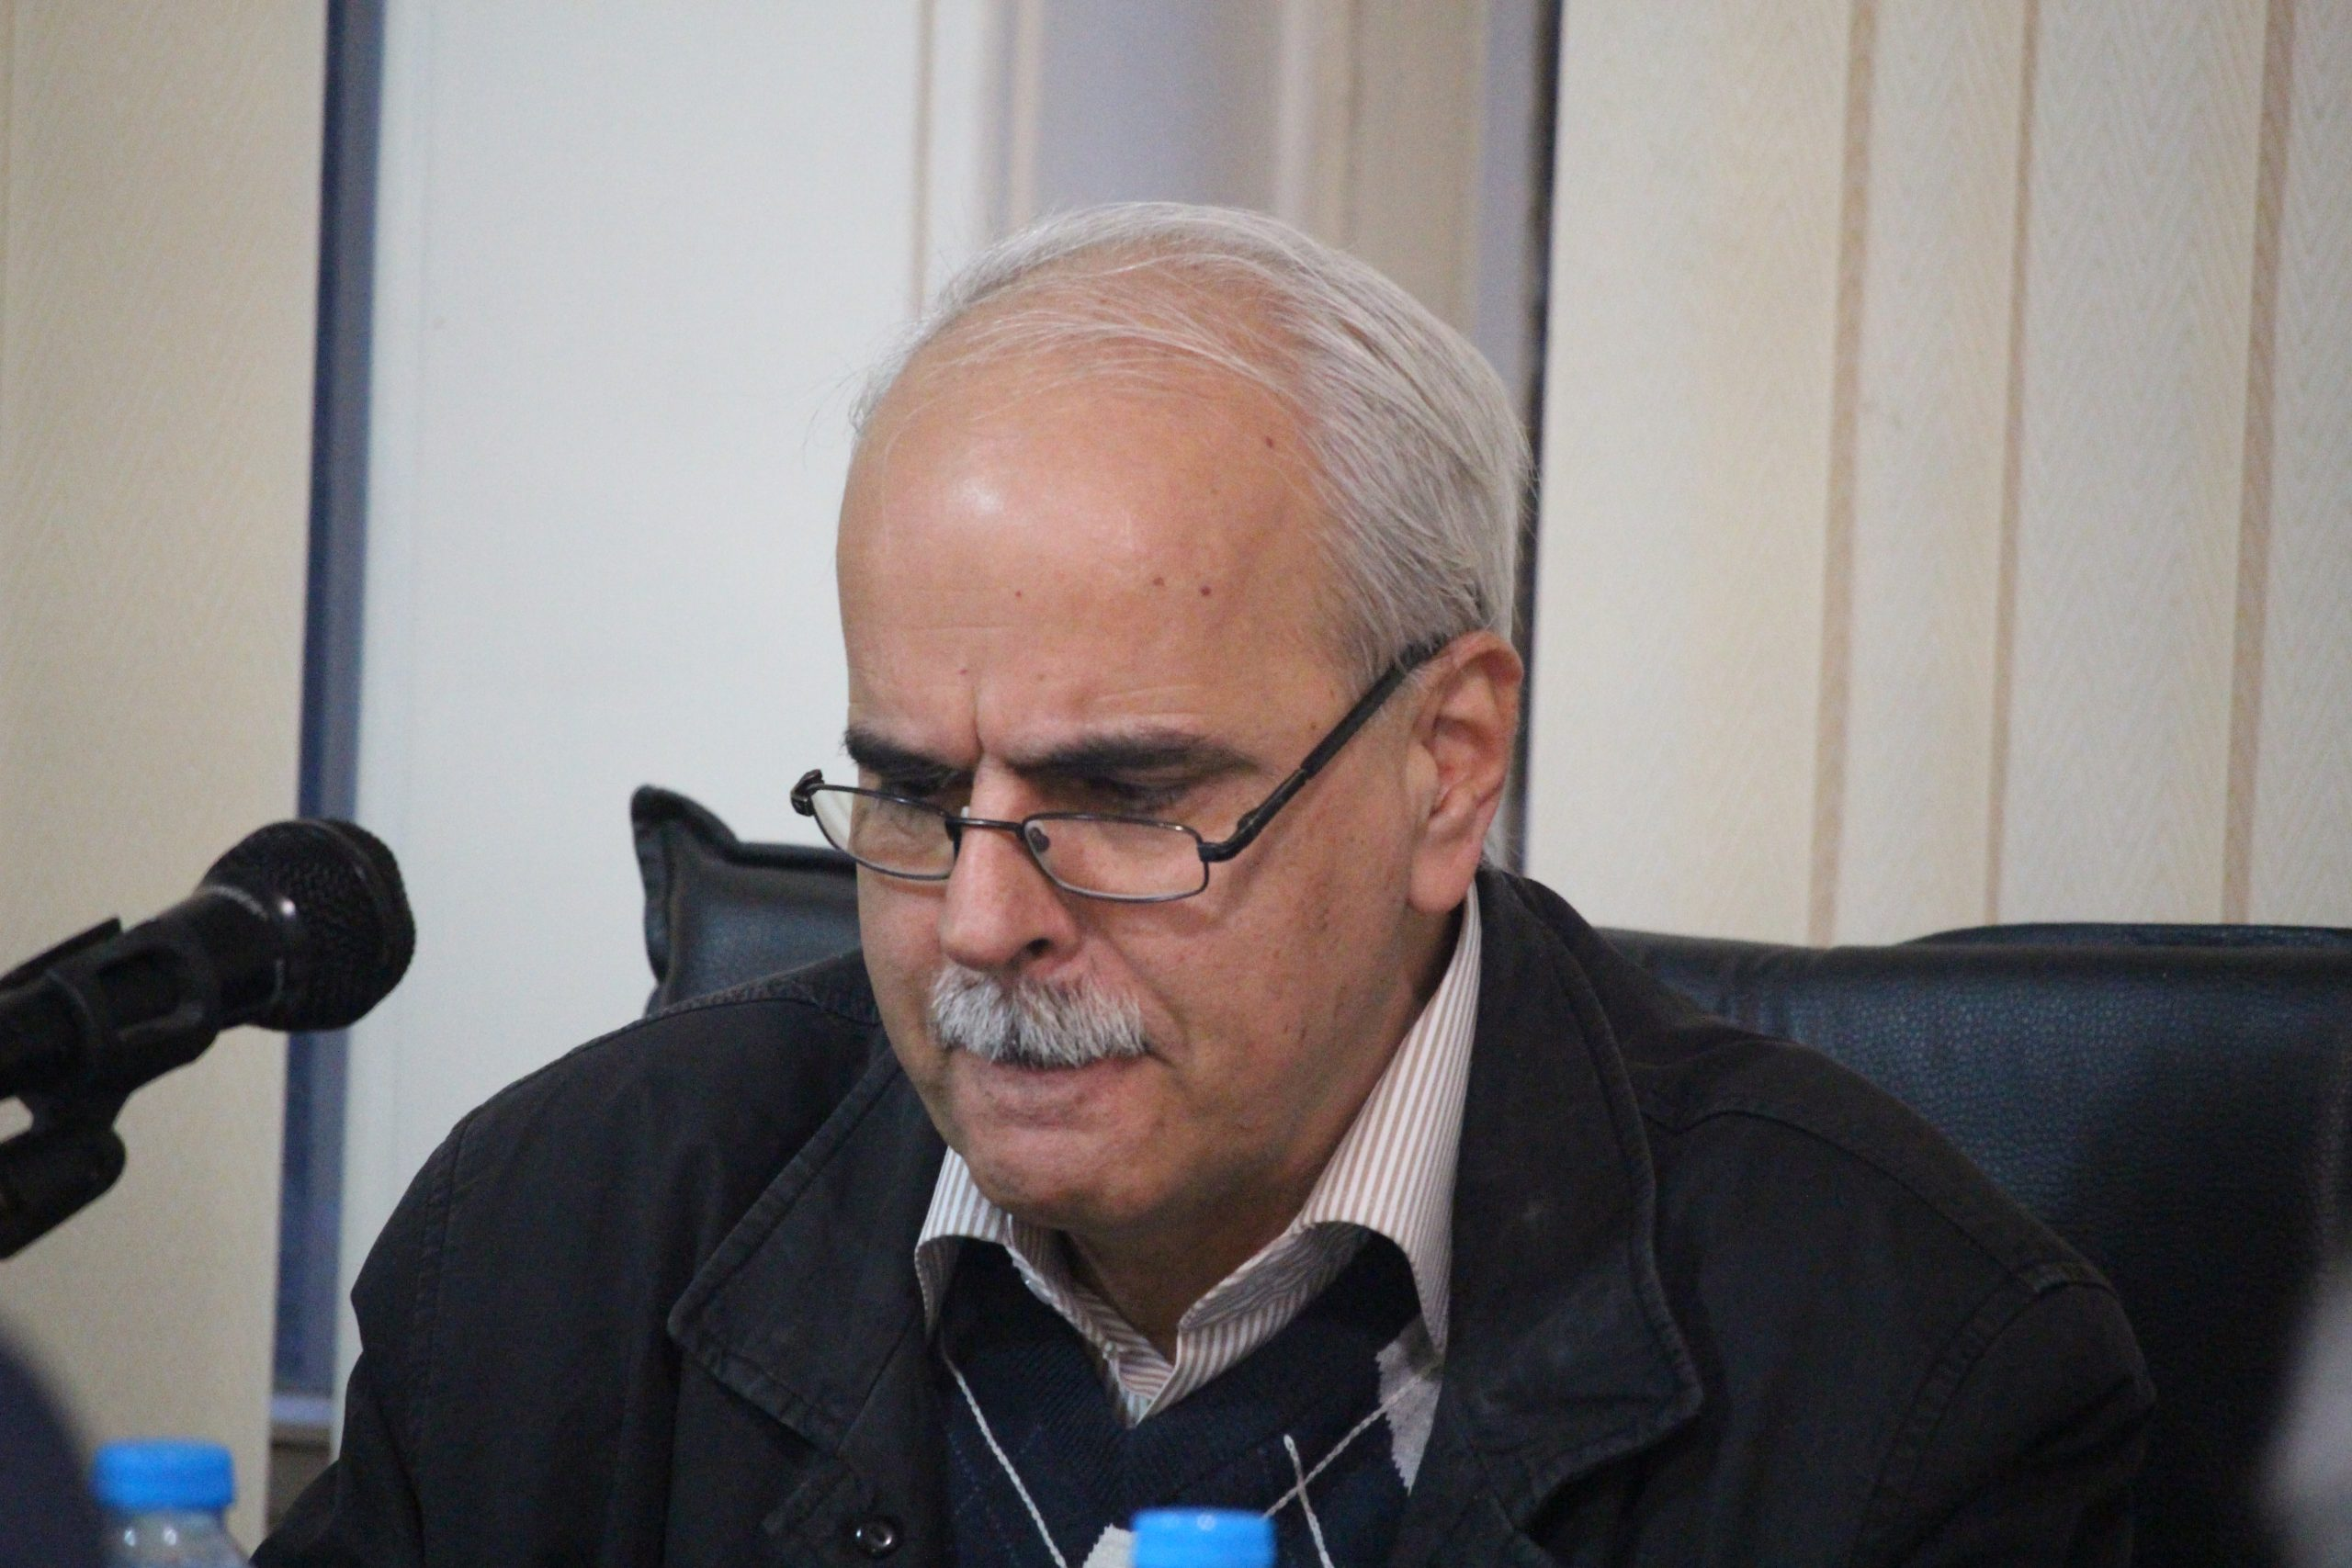 ایران، کشوری با تجربه ناموفق در توسعه؛ در گفتگو با دکتر سعید مدنی/گفتگو از علی کلائی